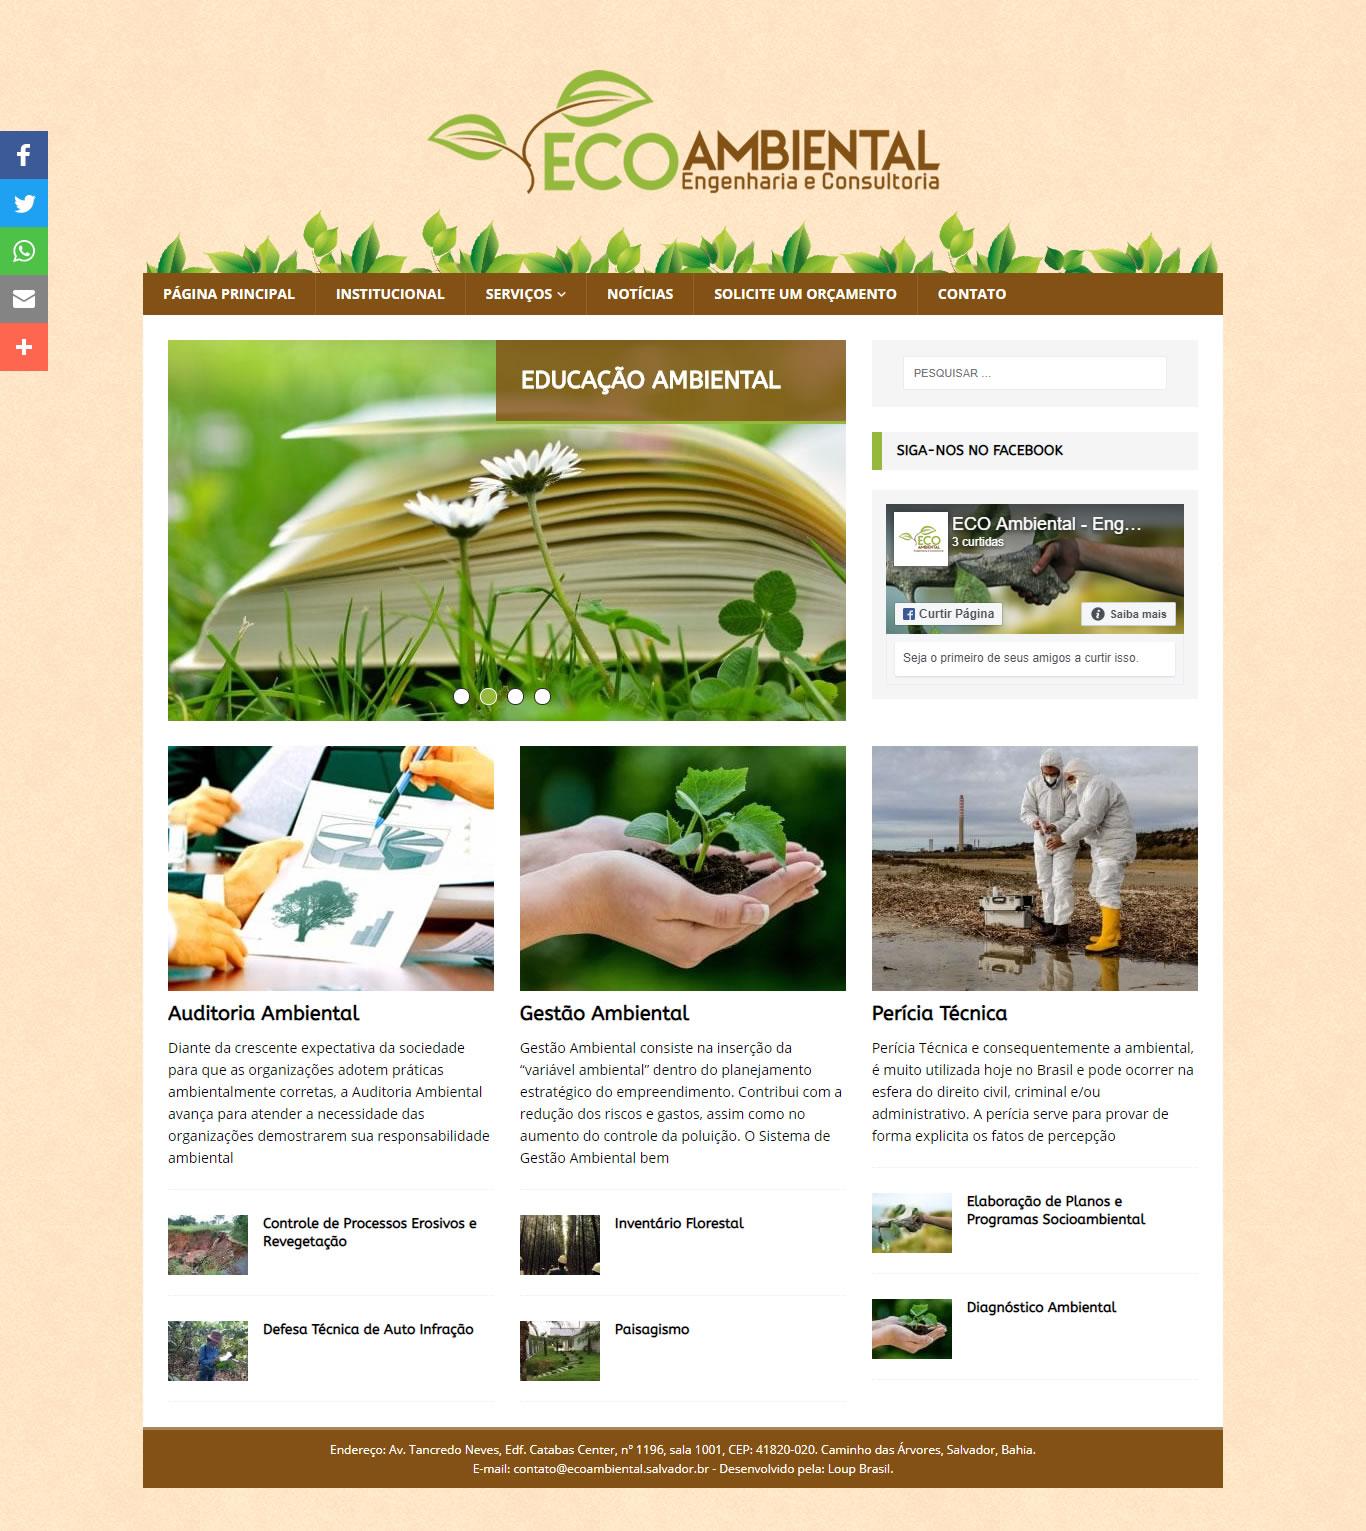 Página inicial da EcoAmbiental, engenharia e consultoria.